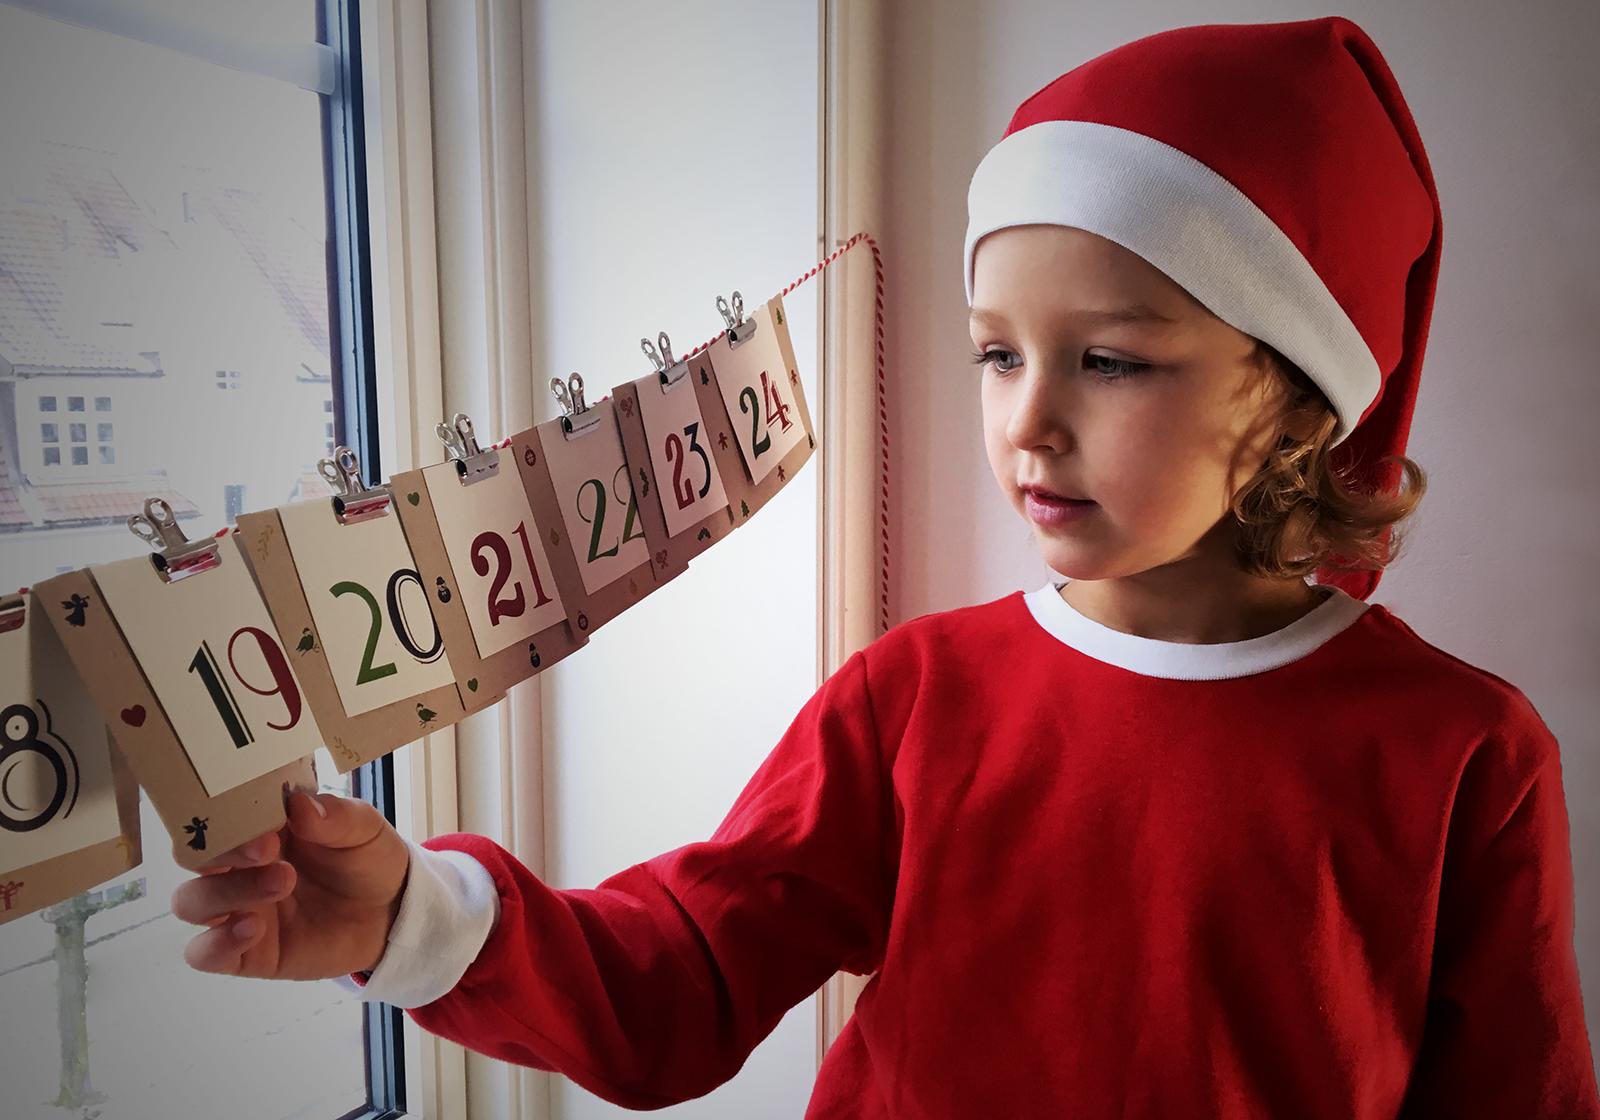 Årets adventskalender - gi mer kjærlighet og mindre ting